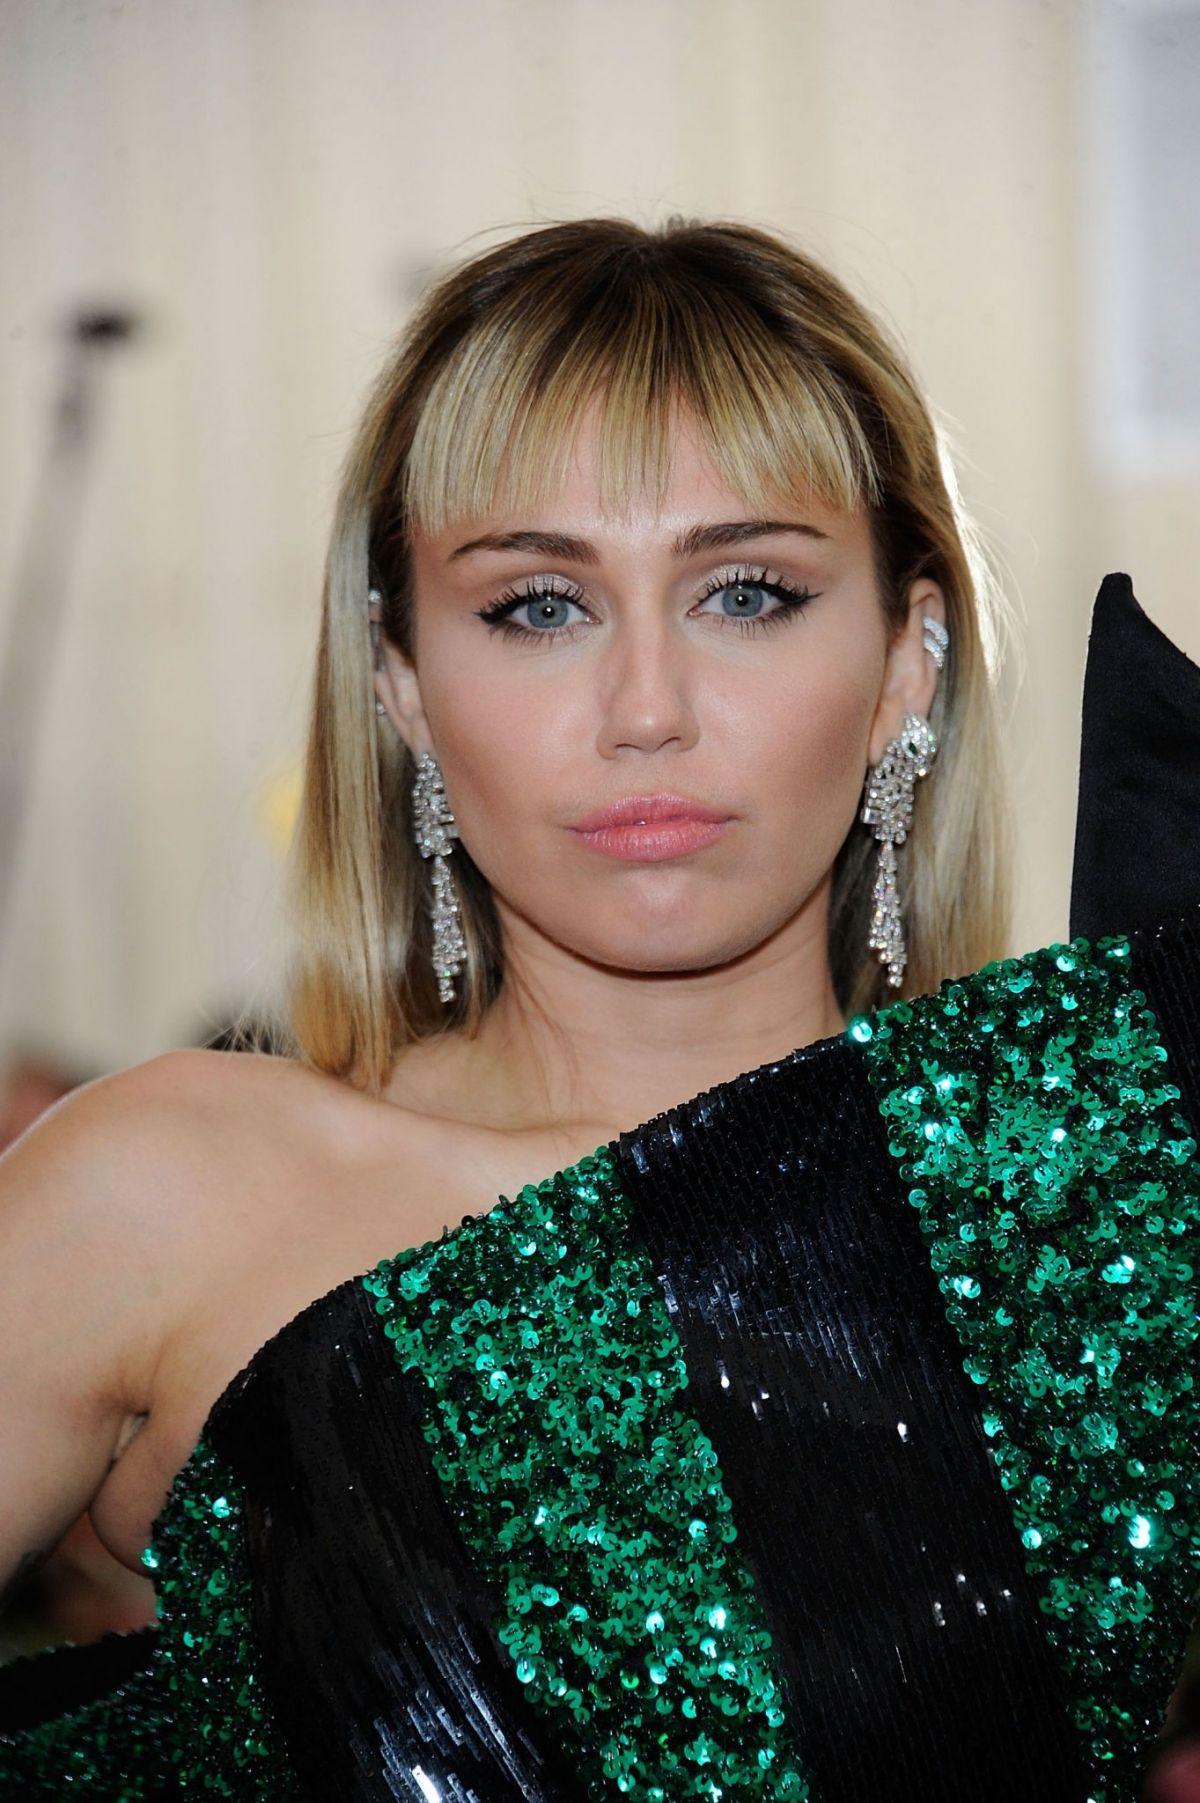 MILEY CYRUS at 2019 Met Gala in New York 05/06/2019 ... Miley Cyrus